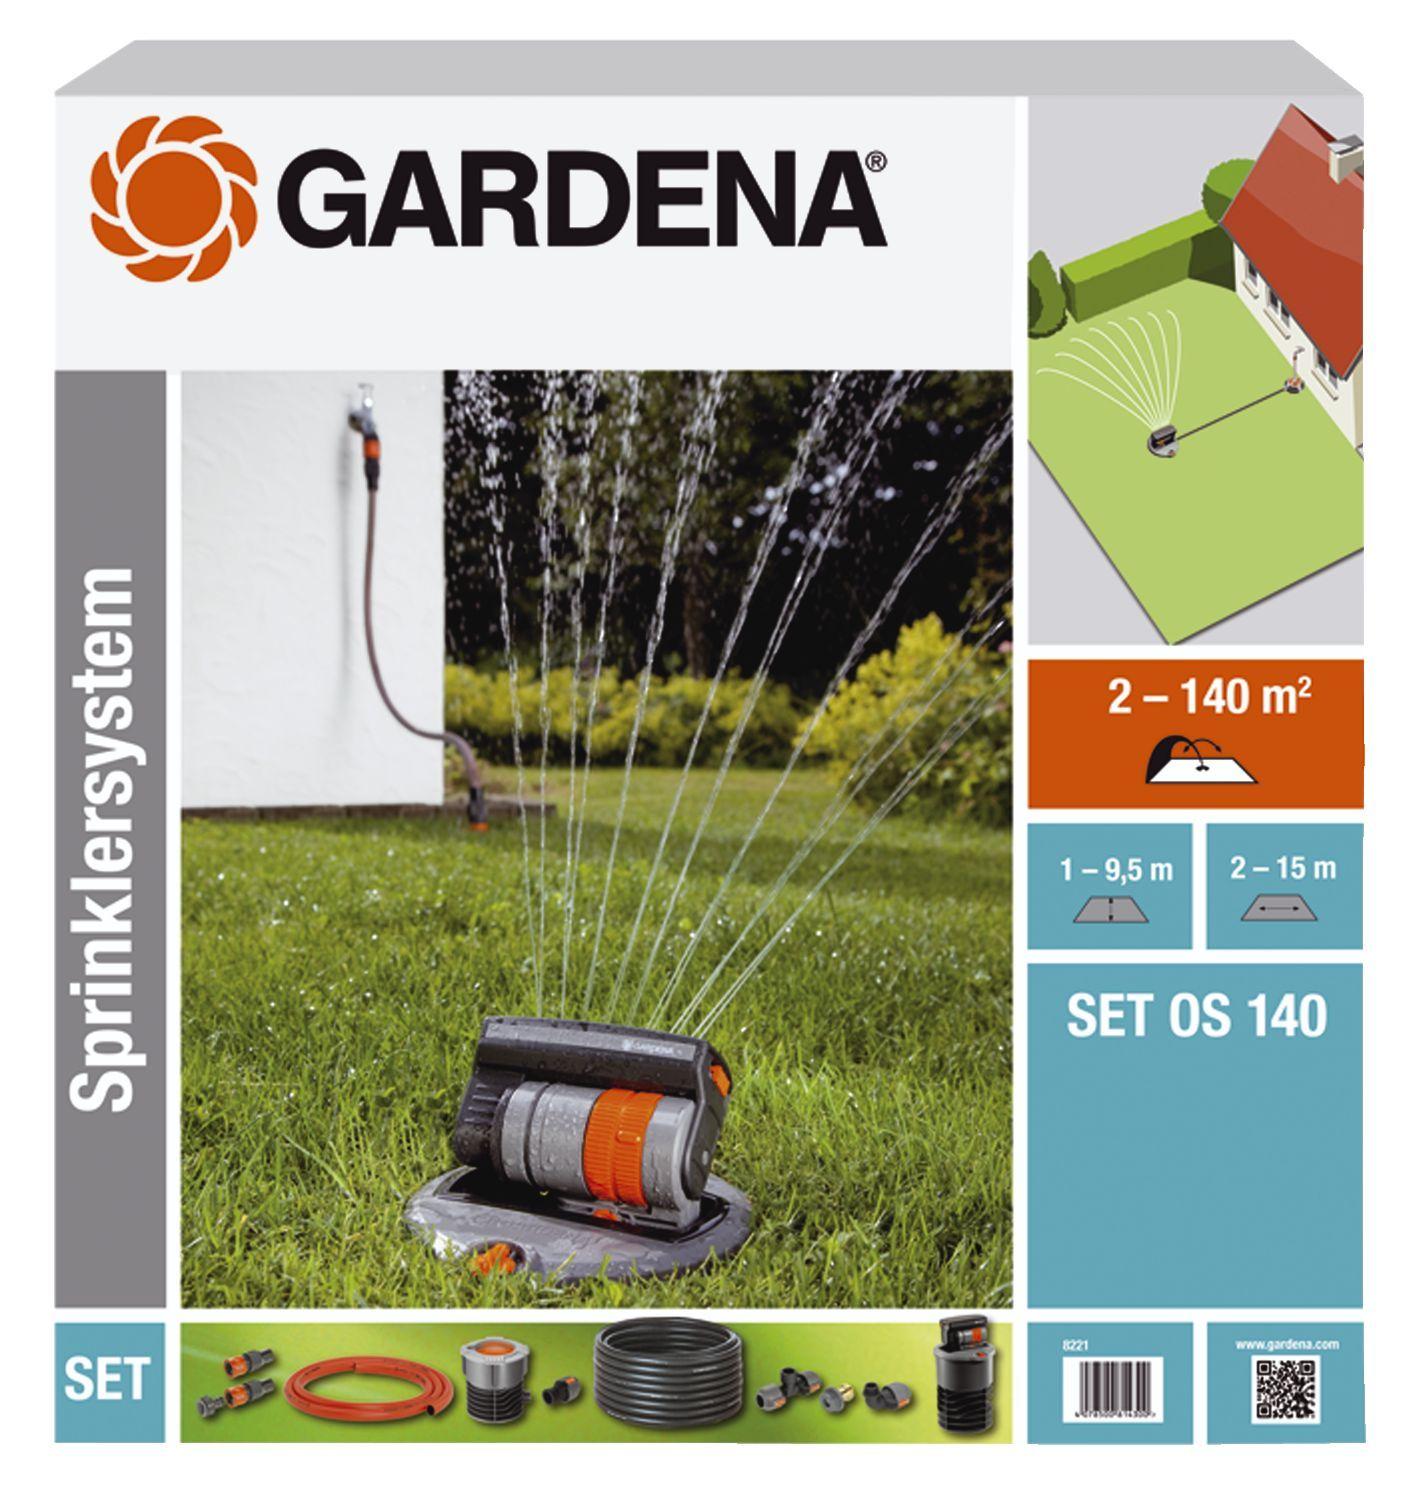 GARDENA Versenk-Viereckregner OS 140 Set 08221-20 Bild 1